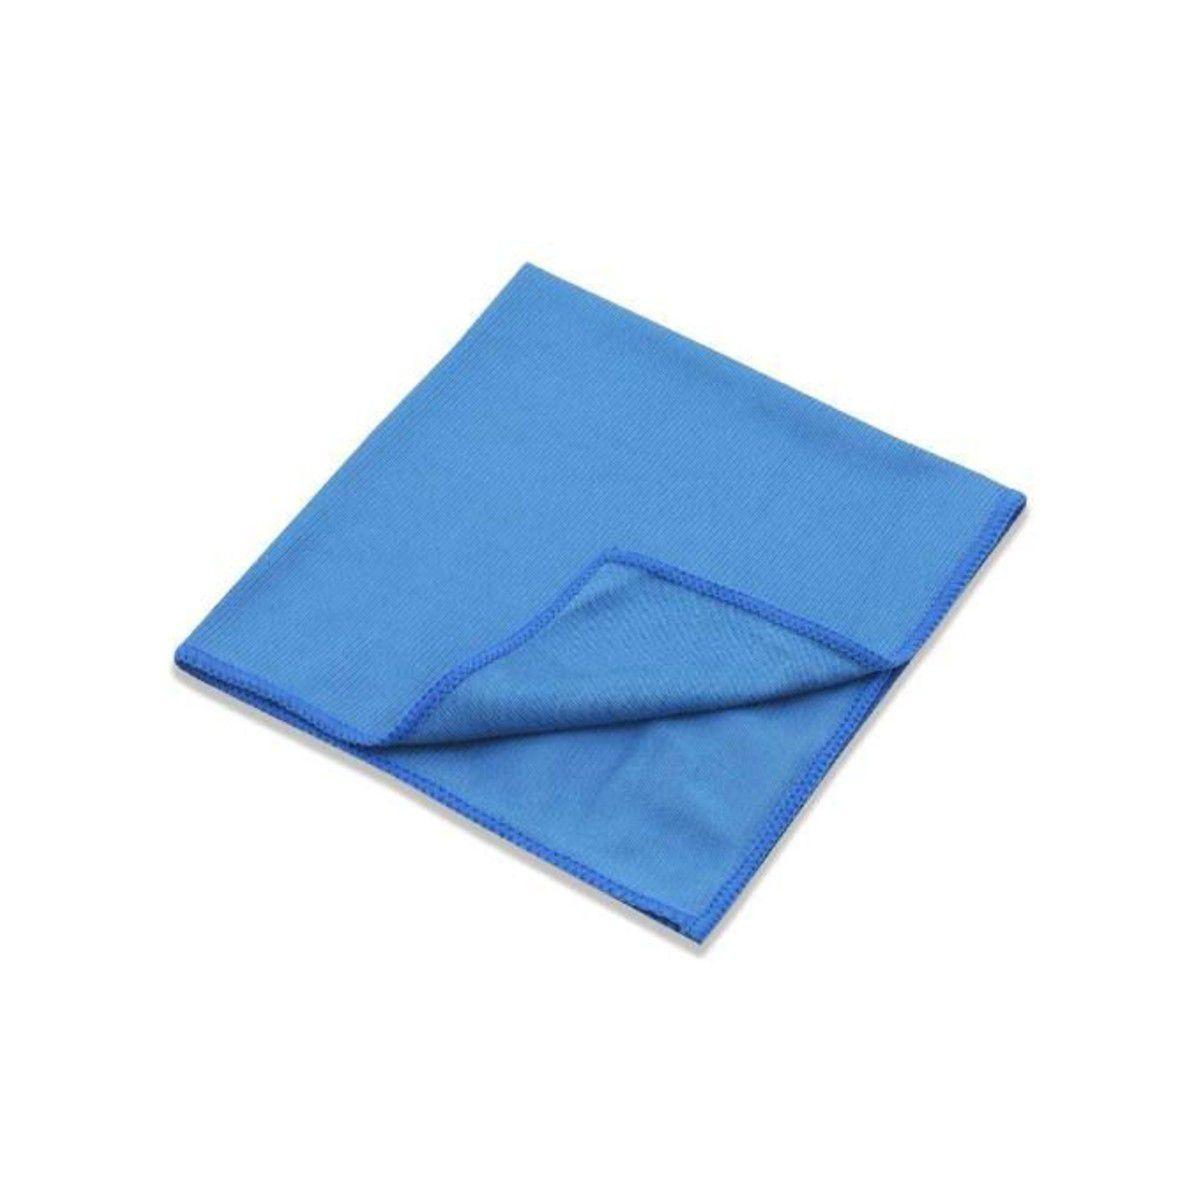 Flanela para Limpeza de Vidros 38x38cm Azul Detailer